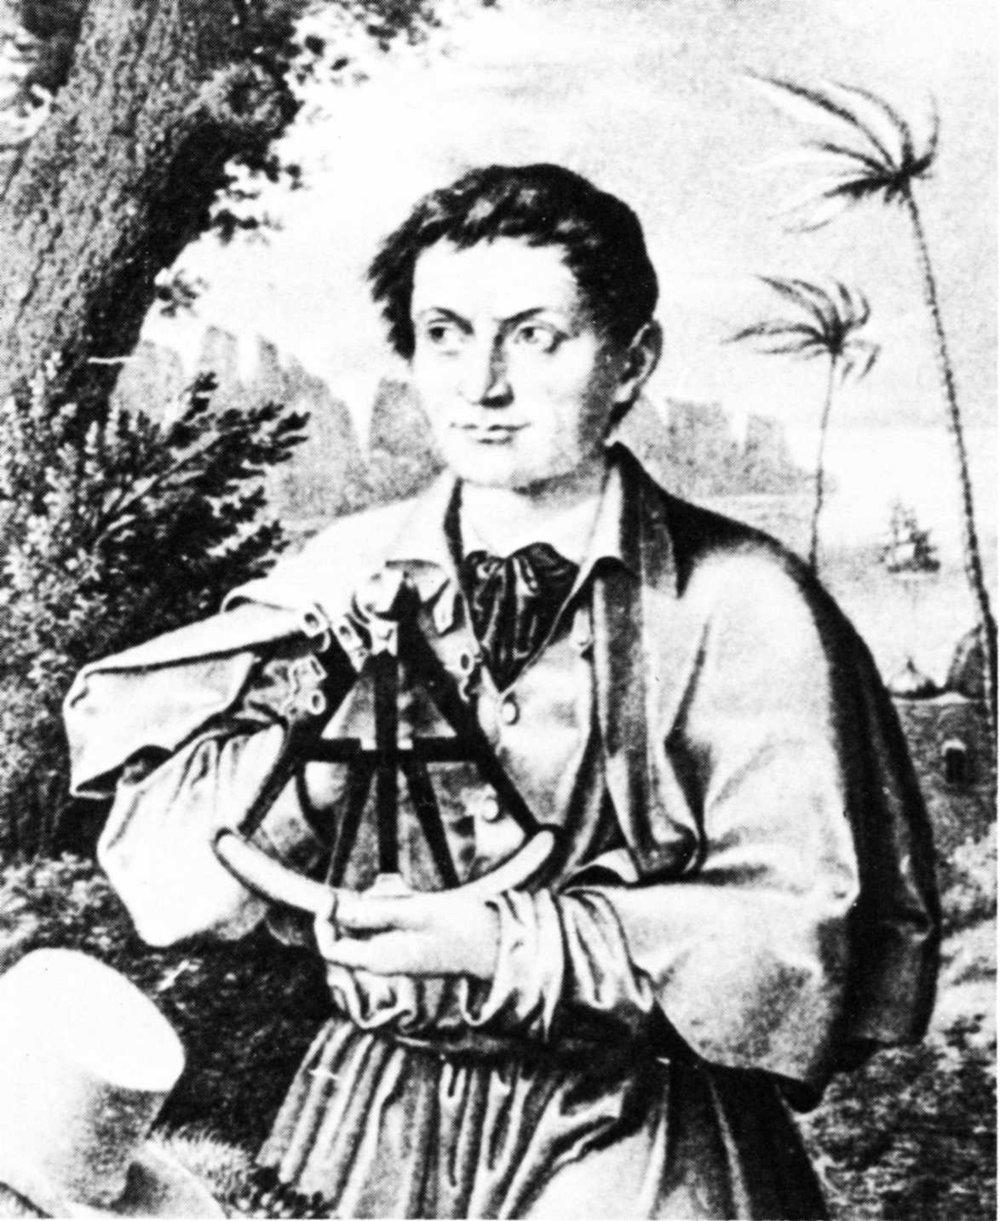 Kven var Mensen Ernst? - Løparen Mensen Ernst, opprinneleg Mons Monsen Øyri, blei født og oppvaksen i Fresvik i Sogn. I 1795 kom han til verda, og var yngstemann i ein søskenflokk på 6. Familien satt i trange kår, og det blei ikkje lettare av at faren til Mons døyde berre månadar etter at Mons var fødd. Det finnes lite informasjon kring barndomsåra til Mons, men me veit at han blei konfirmert den 5.august i 1810 i den eldgamle Rinde stavkyrkje. Vidare gjekk han i lære hjå broren som smed i Bergen, allereie som 14-15åring.Etter ei kort tid i smedlæra starta Mons Monsen sin yrkeskarriera som sjøgut og styrmann. Her skal han ha vore sjømann på fleire skip som frakta han verda rundt. Blant anna segla han til Middelhavet kor han besøkte land som Egypt, Hellas, Tyrkia og Malta. Sidan kom han til fleire verdsdelar, og segla blant anna rundt Kapp det gode håp og Madagaskar, og vidare til India, Australia og Kina. På ein ferd i Sør Afrika og Kapp-provinsen har me dei første kjeldene på Mons sitt løpartalent. Han forbløffa sitt skipsmannskap ved å vera med på eit lokalt kappløp kor han enda opp med overlegen siger. Mons Monsen fann såleis ut at han var lei av skipslivet, no ville han kryssa byar og land, hovudstadar, skogar, vidder og fjell ved hjelp av sine eigne bein. Då Mons var blitt 23år gammal, i år 1818 la til kai i London, mønstra av og forlot tilværelsen som skipsmann.